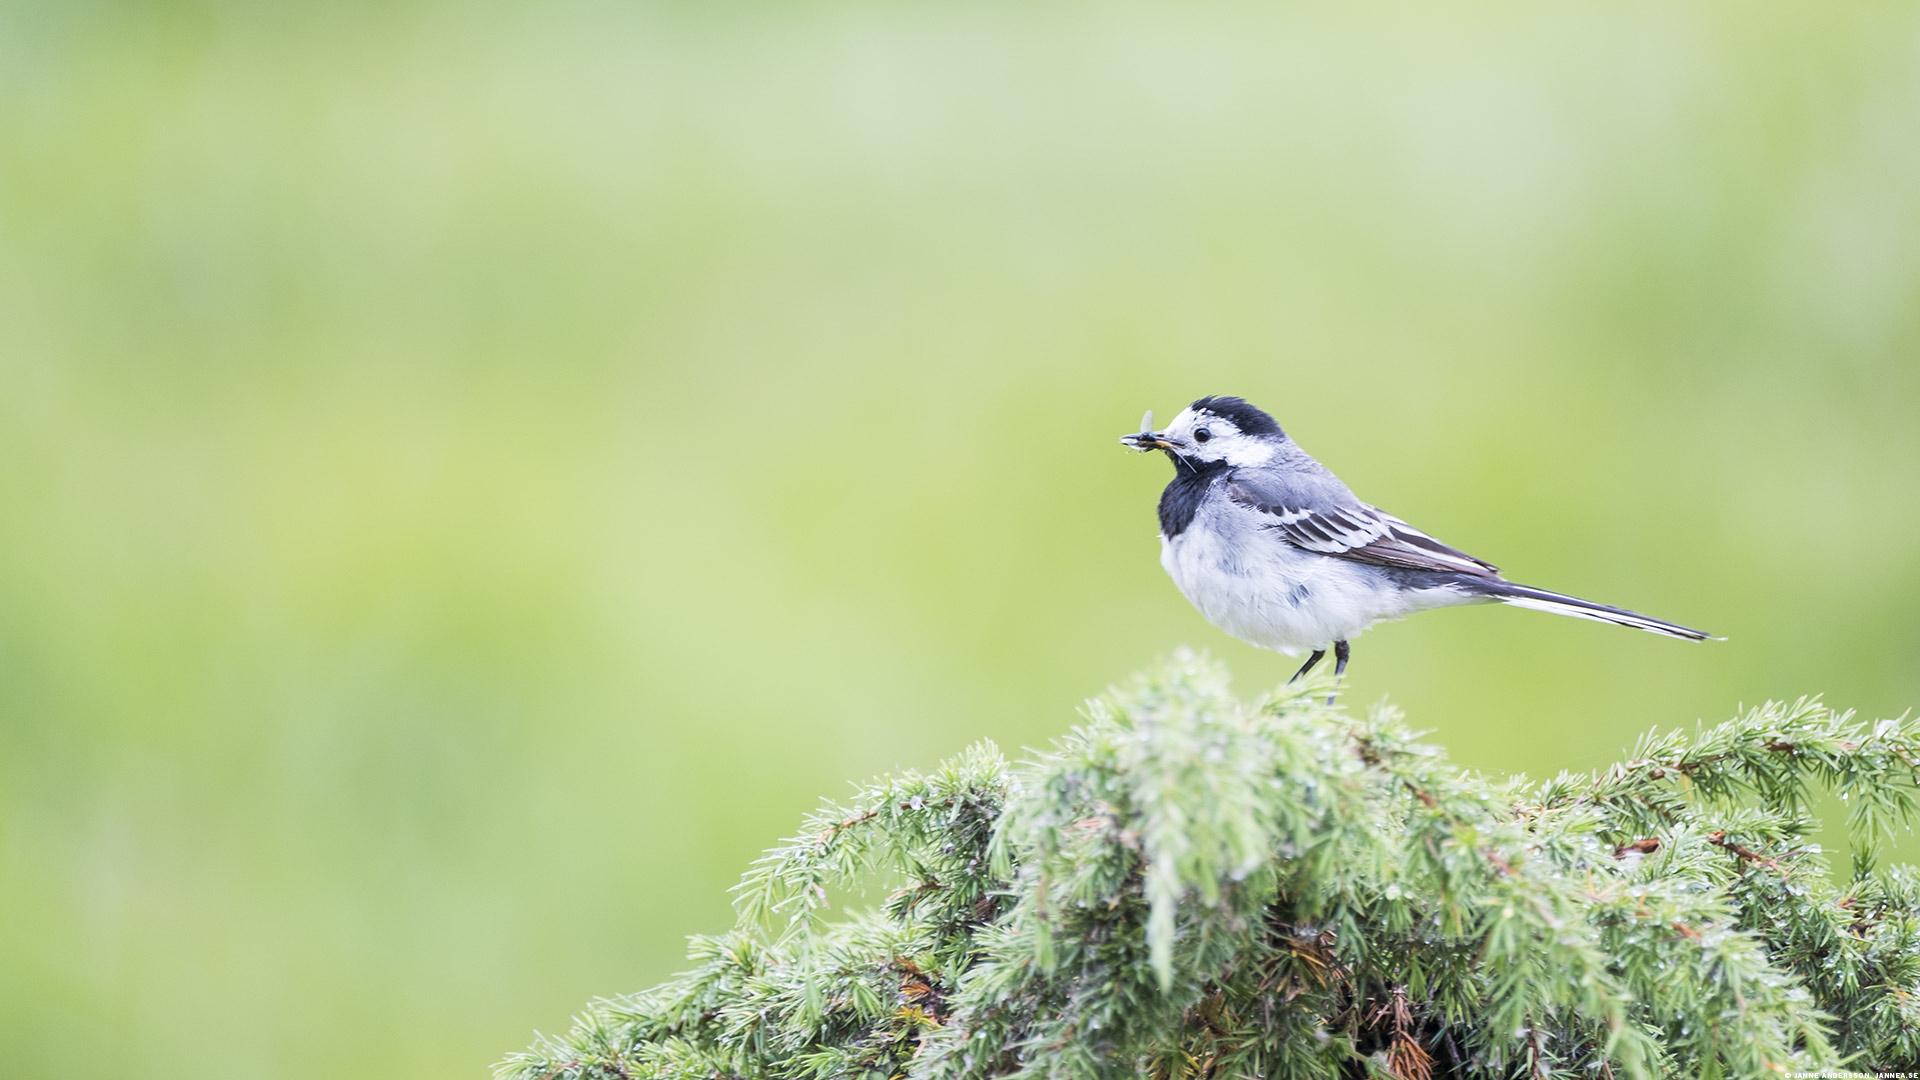 En Talgoxe med en fluga i näbben   © Janne A